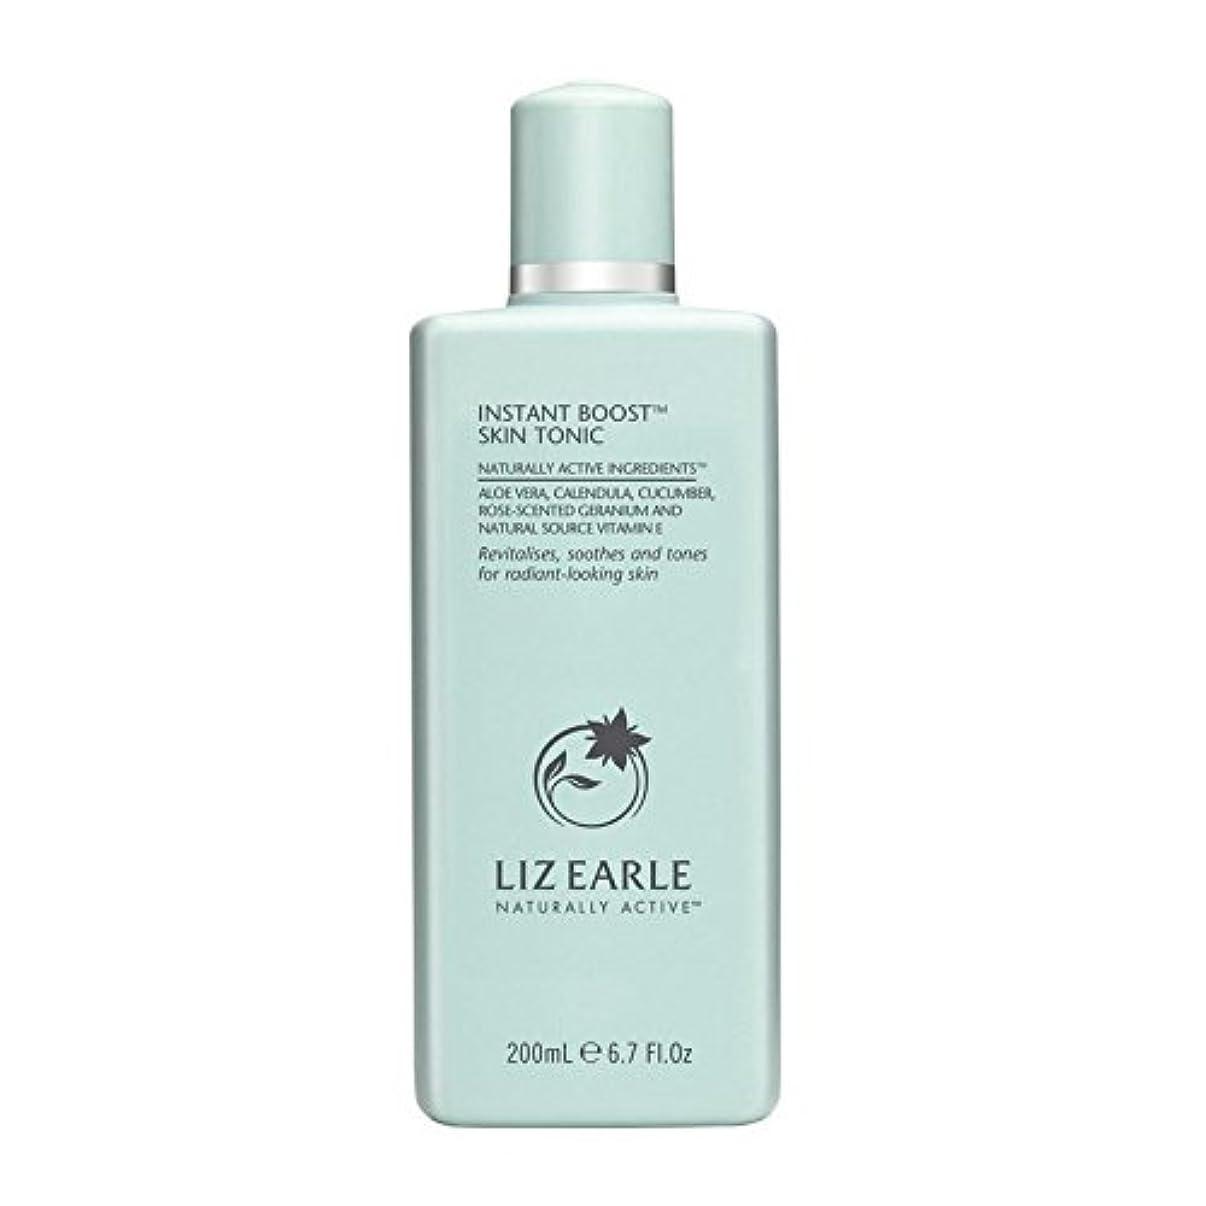 スカイイサカ協同Liz Earle Instant Boost Skin Tonic Bottle 200ml - リズアールインスタントブーストスキントニックボトル200ミリリットル [並行輸入品]